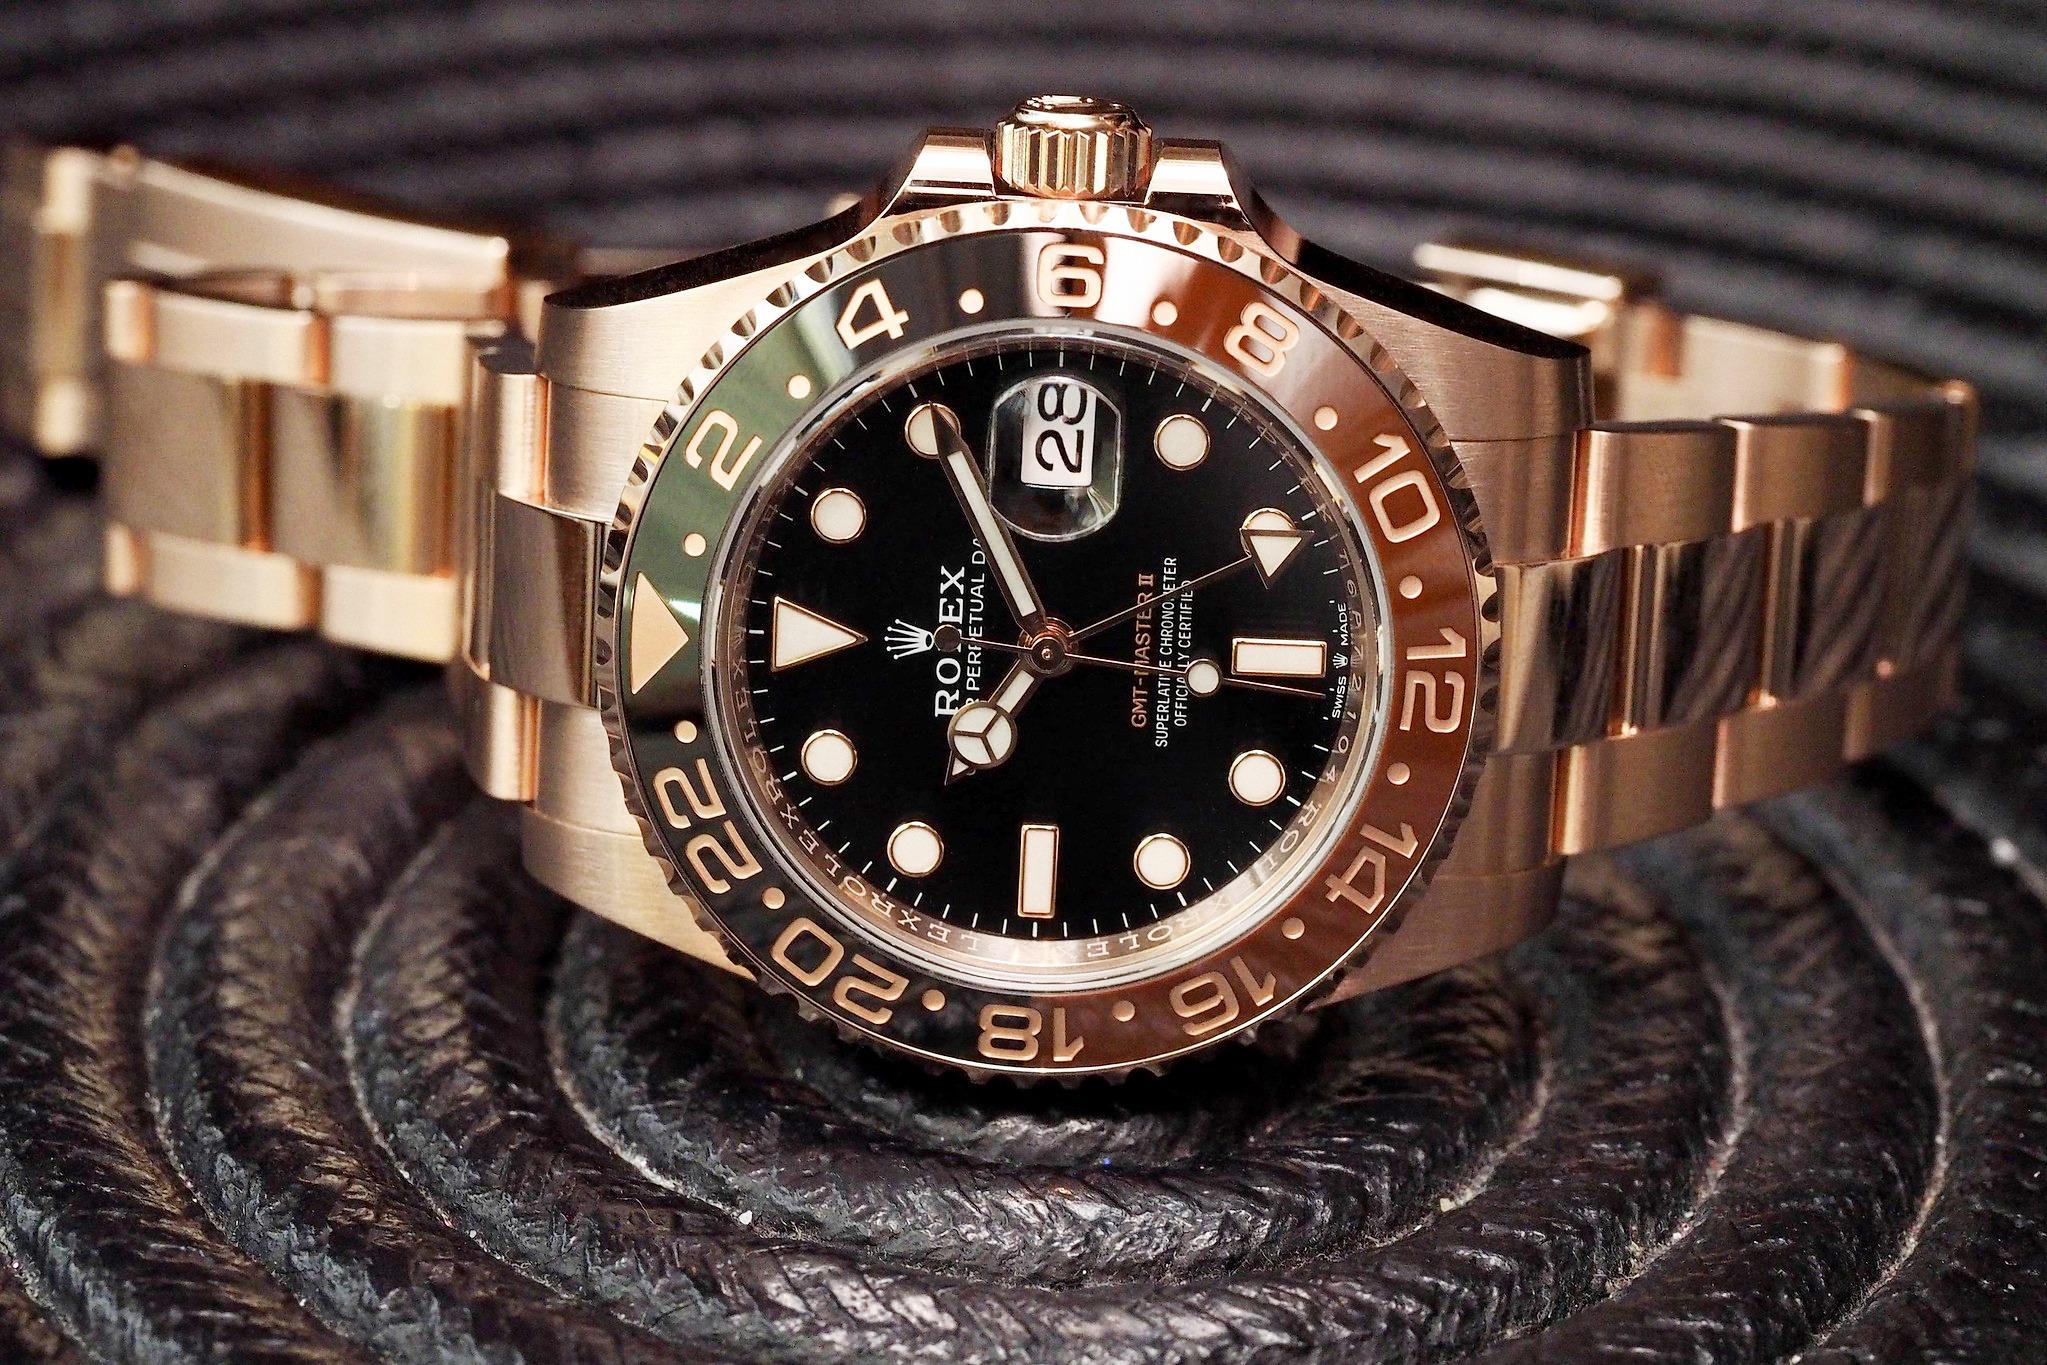 Những mẫu đồng hồ hai tông màu sang trọng tốt nhất hiện nay